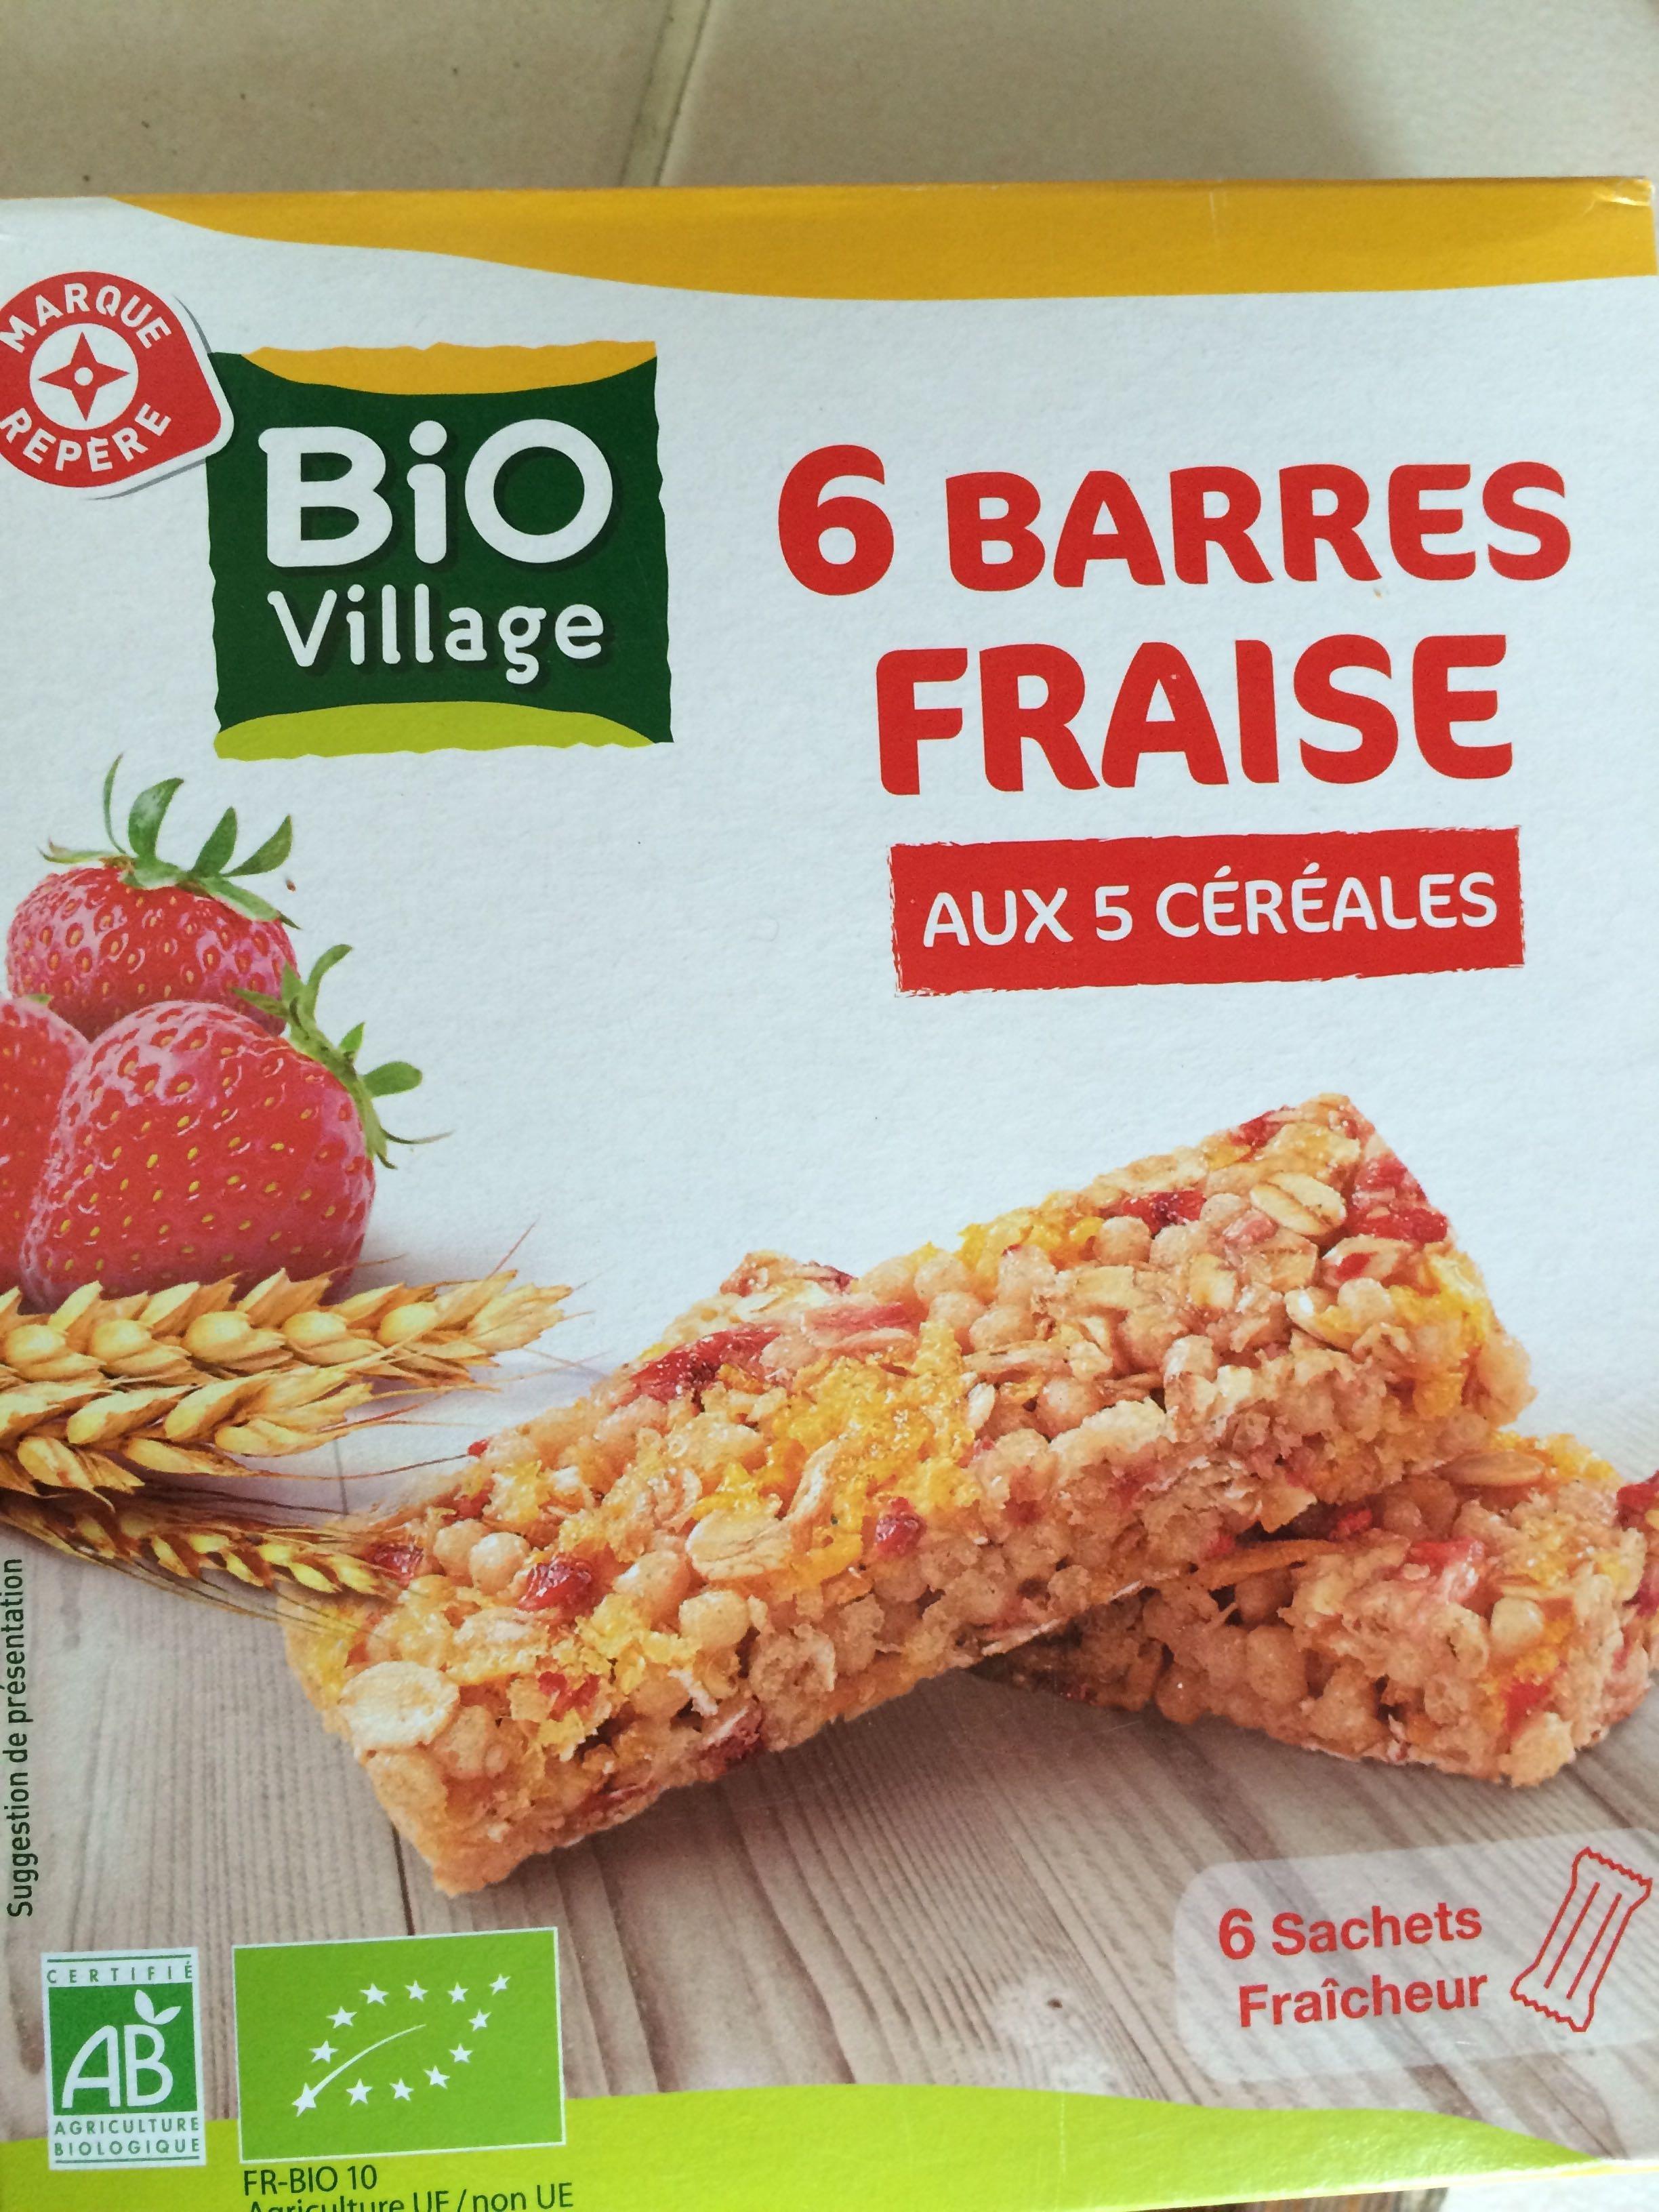 6 barres fraise aux 5 céréales - Product